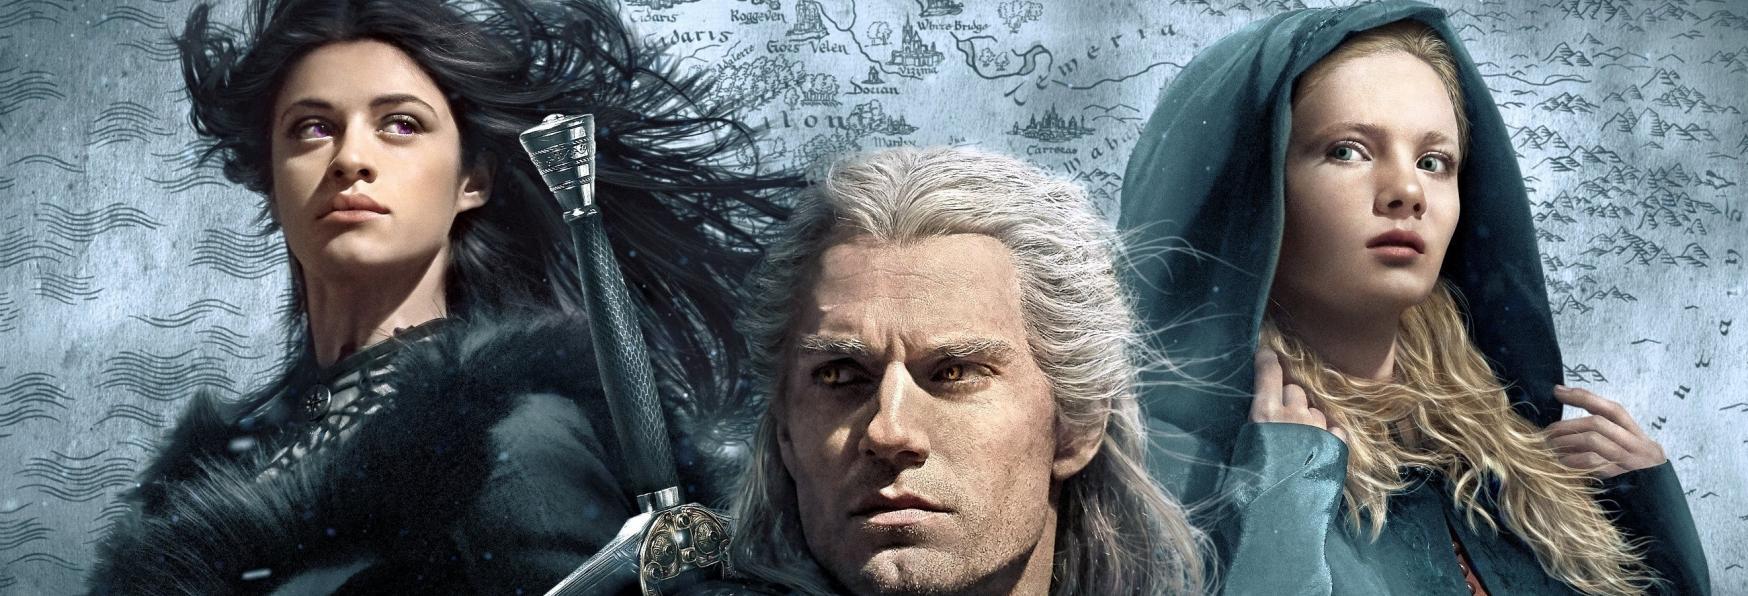 The Witcher 2: una Foto di Henry Cavill dal Set sotto la Pioggia